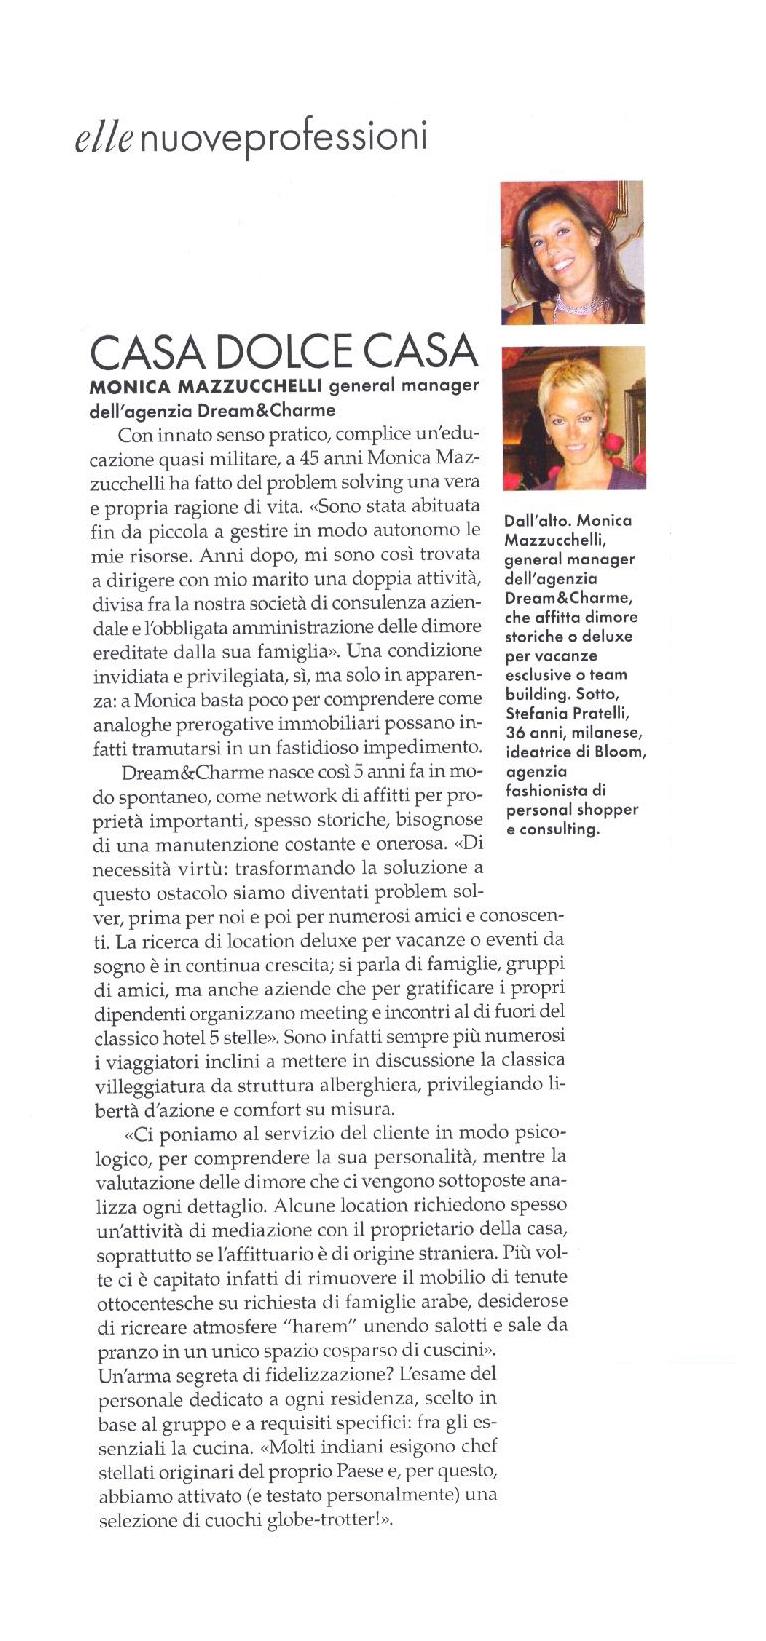 Elle-articolo.novembre 2011